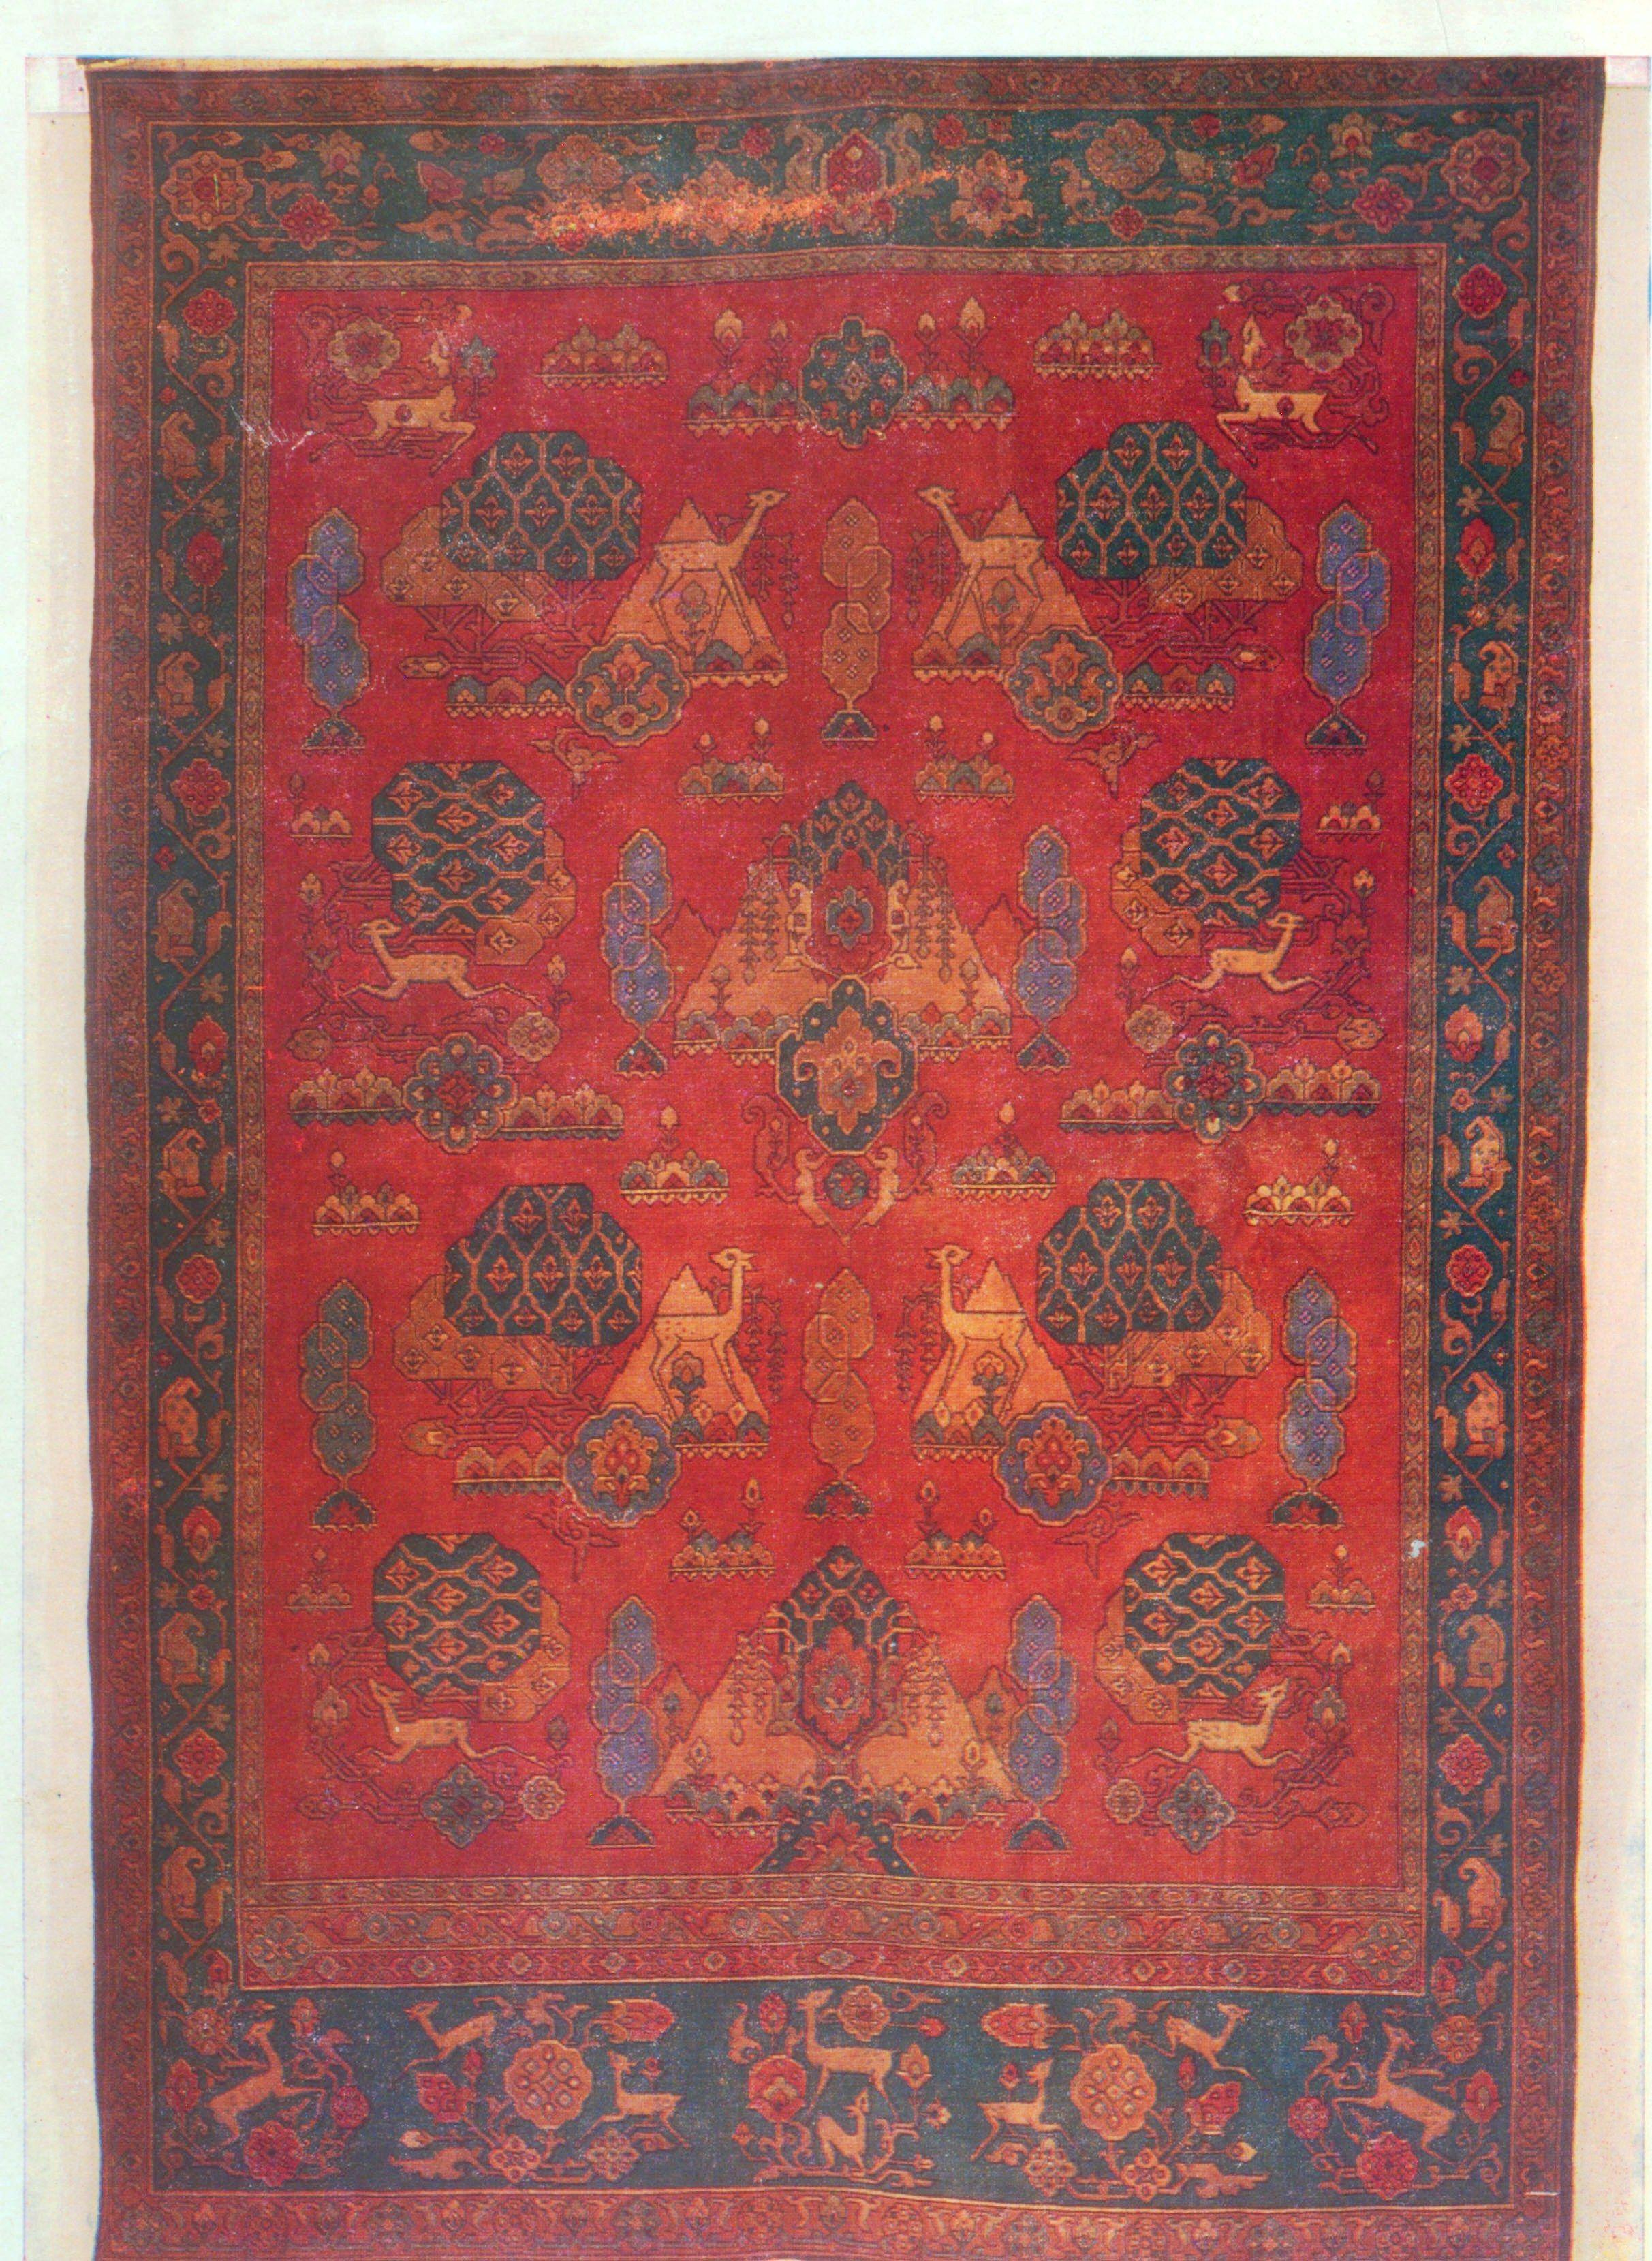 Rug (Artist-R. Margaryan, Yeghnikner, 1963)